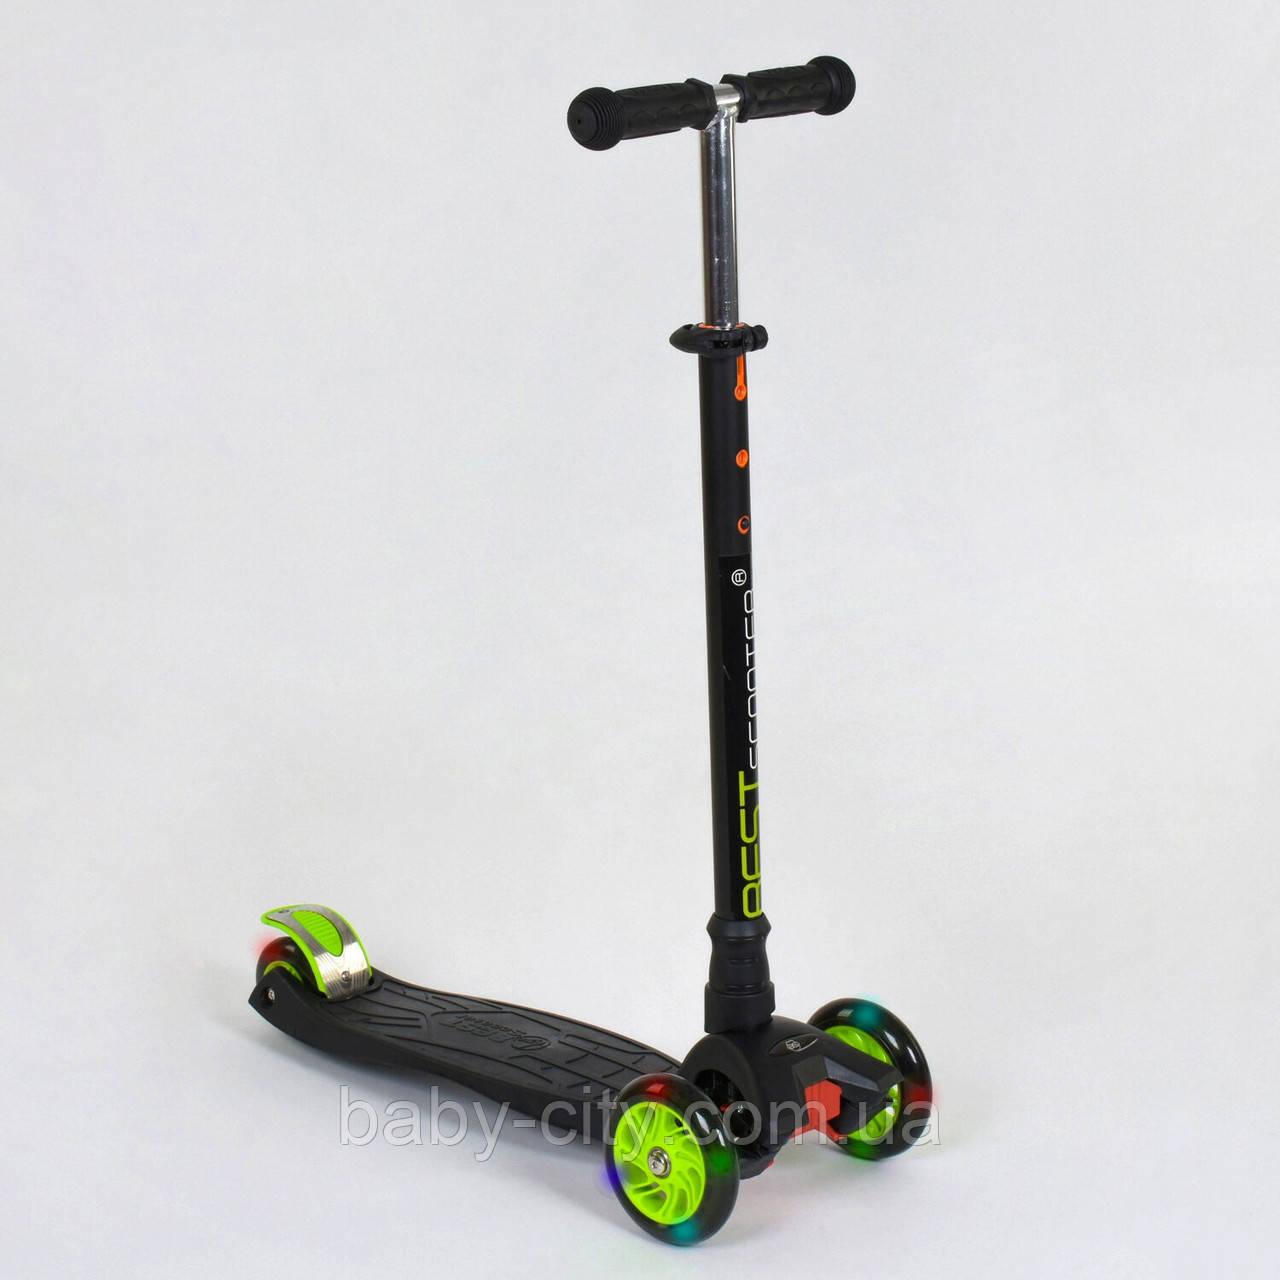 Самокат трехколесный Best Scooter Maxi 466-113 / А 24144 Черный